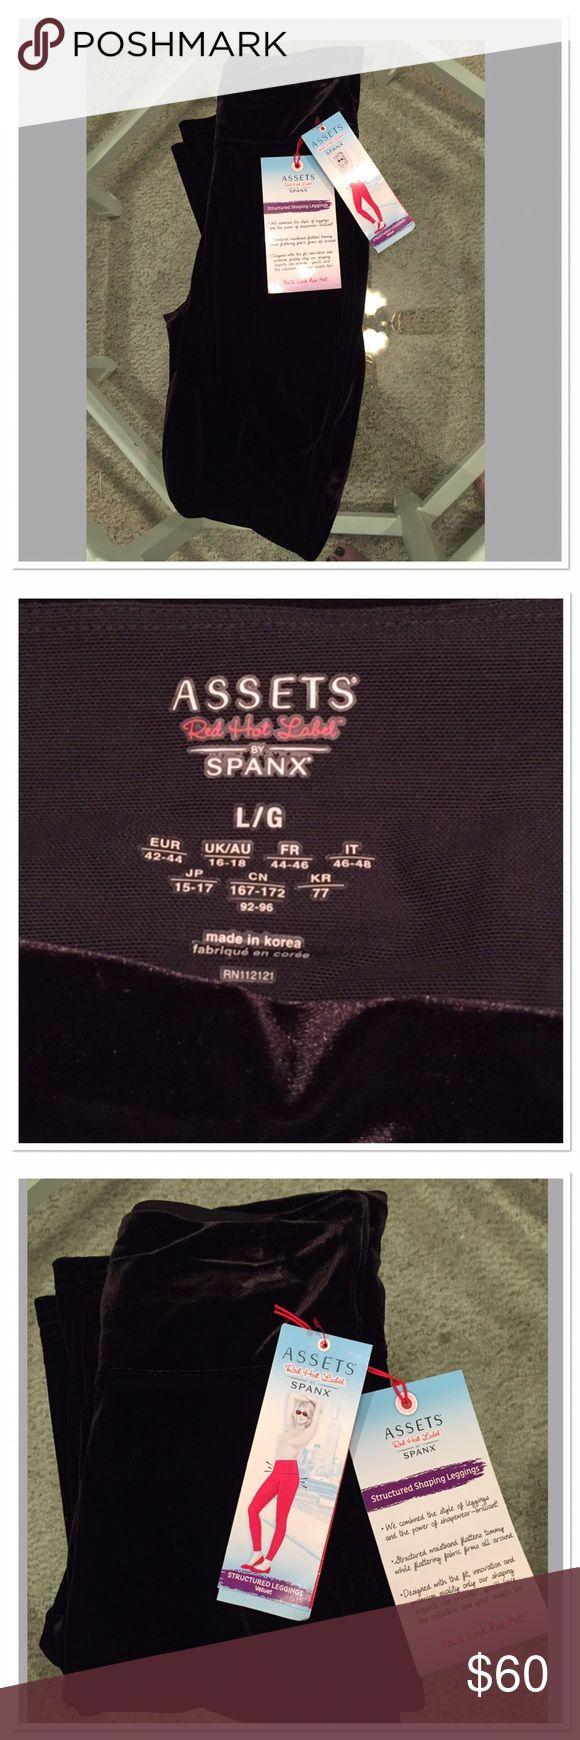 ❤️♥️❤️ NWT Spanx Assets Velour Legging ❤️♥️❤️ ❤️♥️❤️ NWT Spanx Assets Velour Legging ❤️♥️❤️ Size Large ❤️♥️❤️ SPANX Pants Leggings